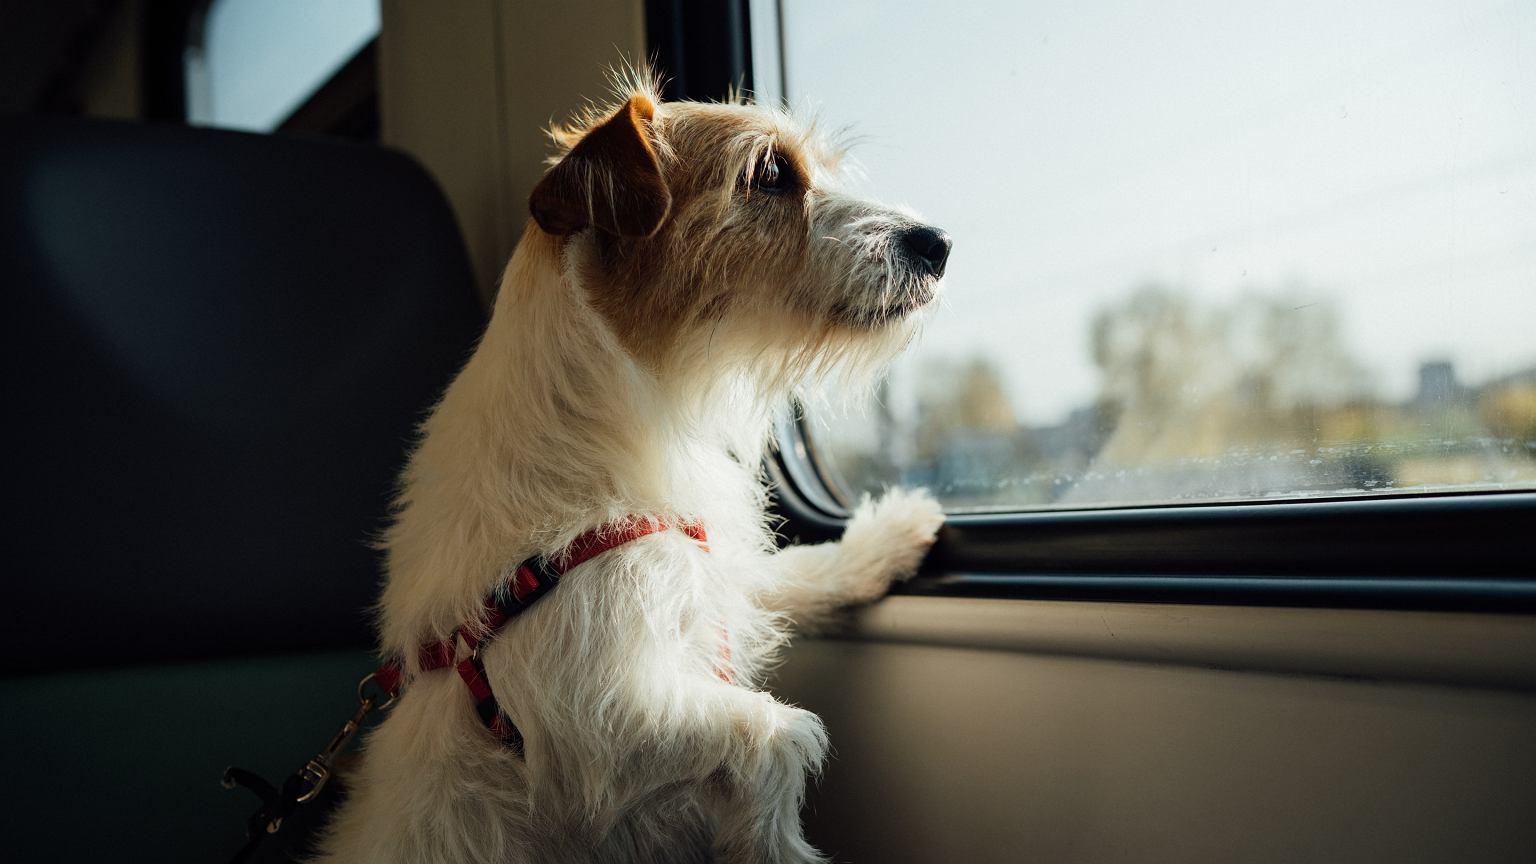 dog - image illustration